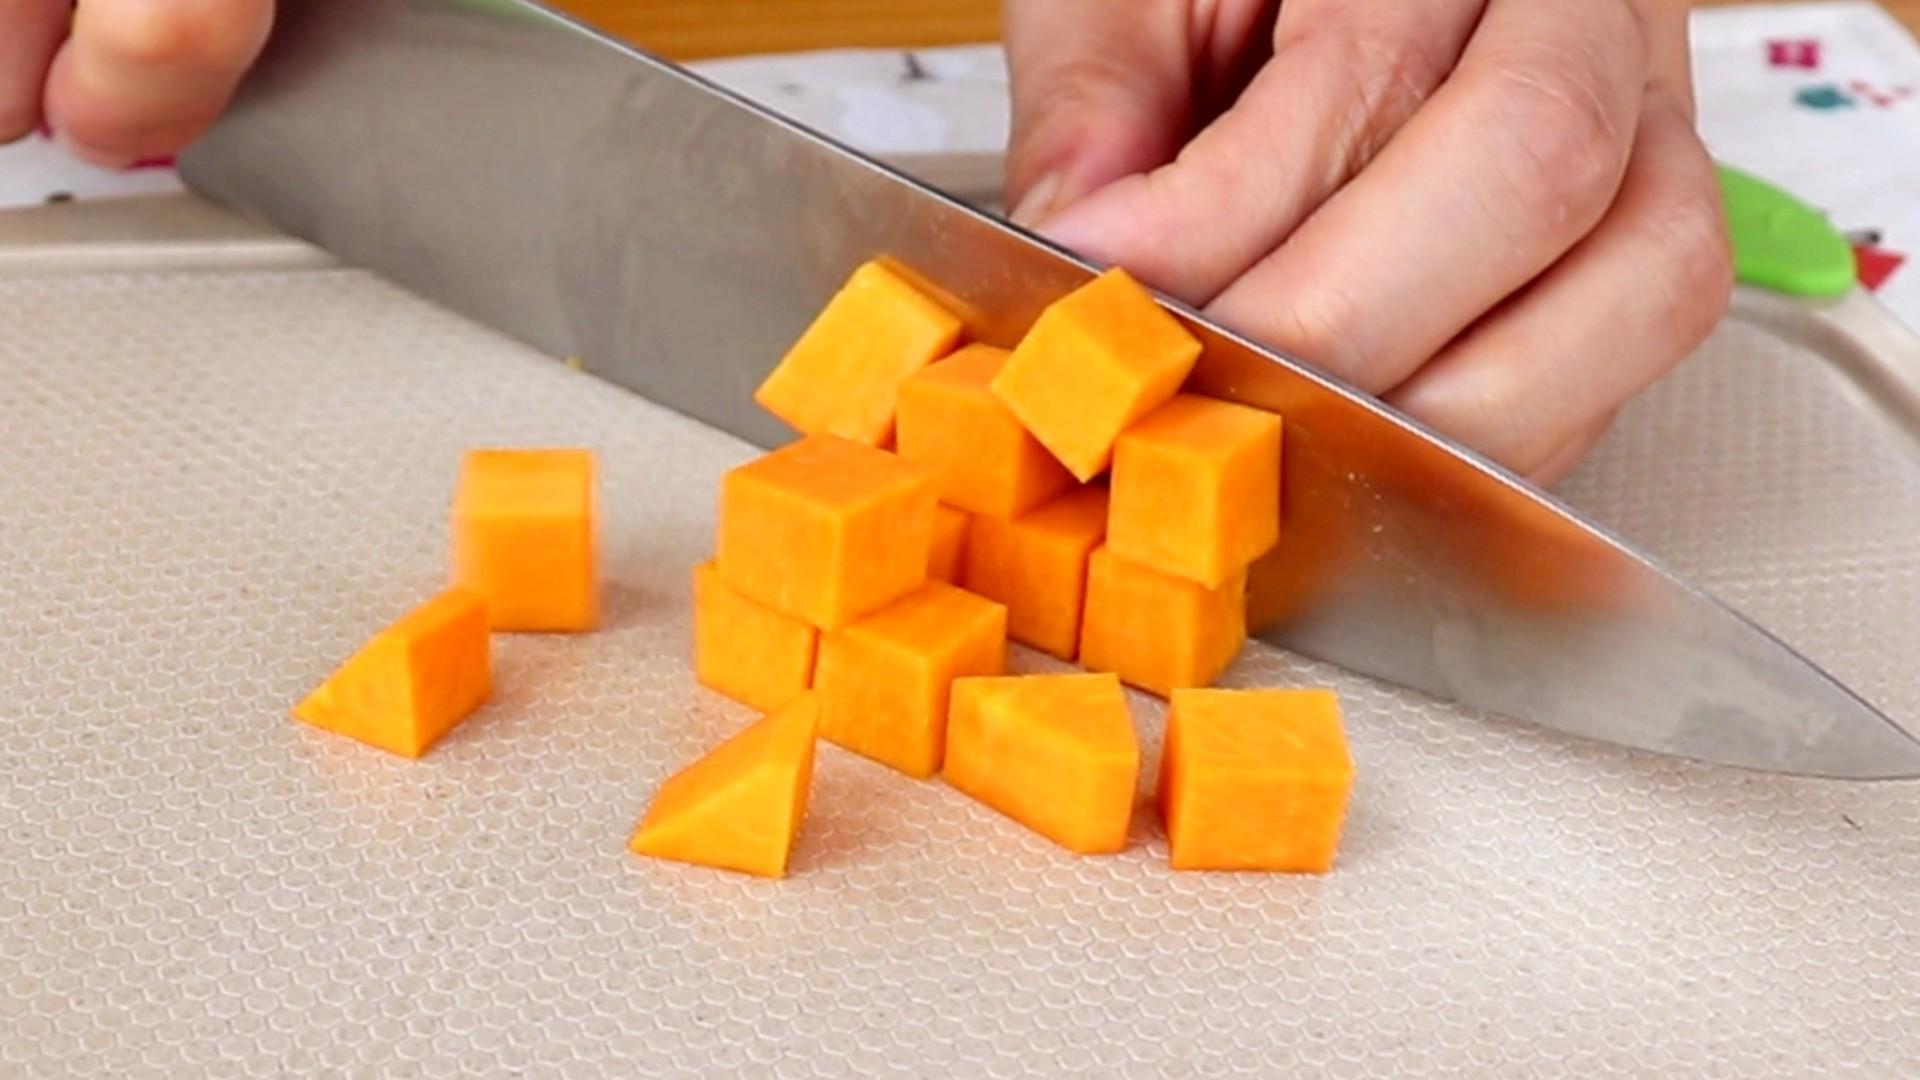 奶香南瓜紫薯泥,将南瓜切碎丁</p> <p>tips:这里切碎丁是为了蒸熟的快一些,具体大小大家根据自己的喜好切就可以了